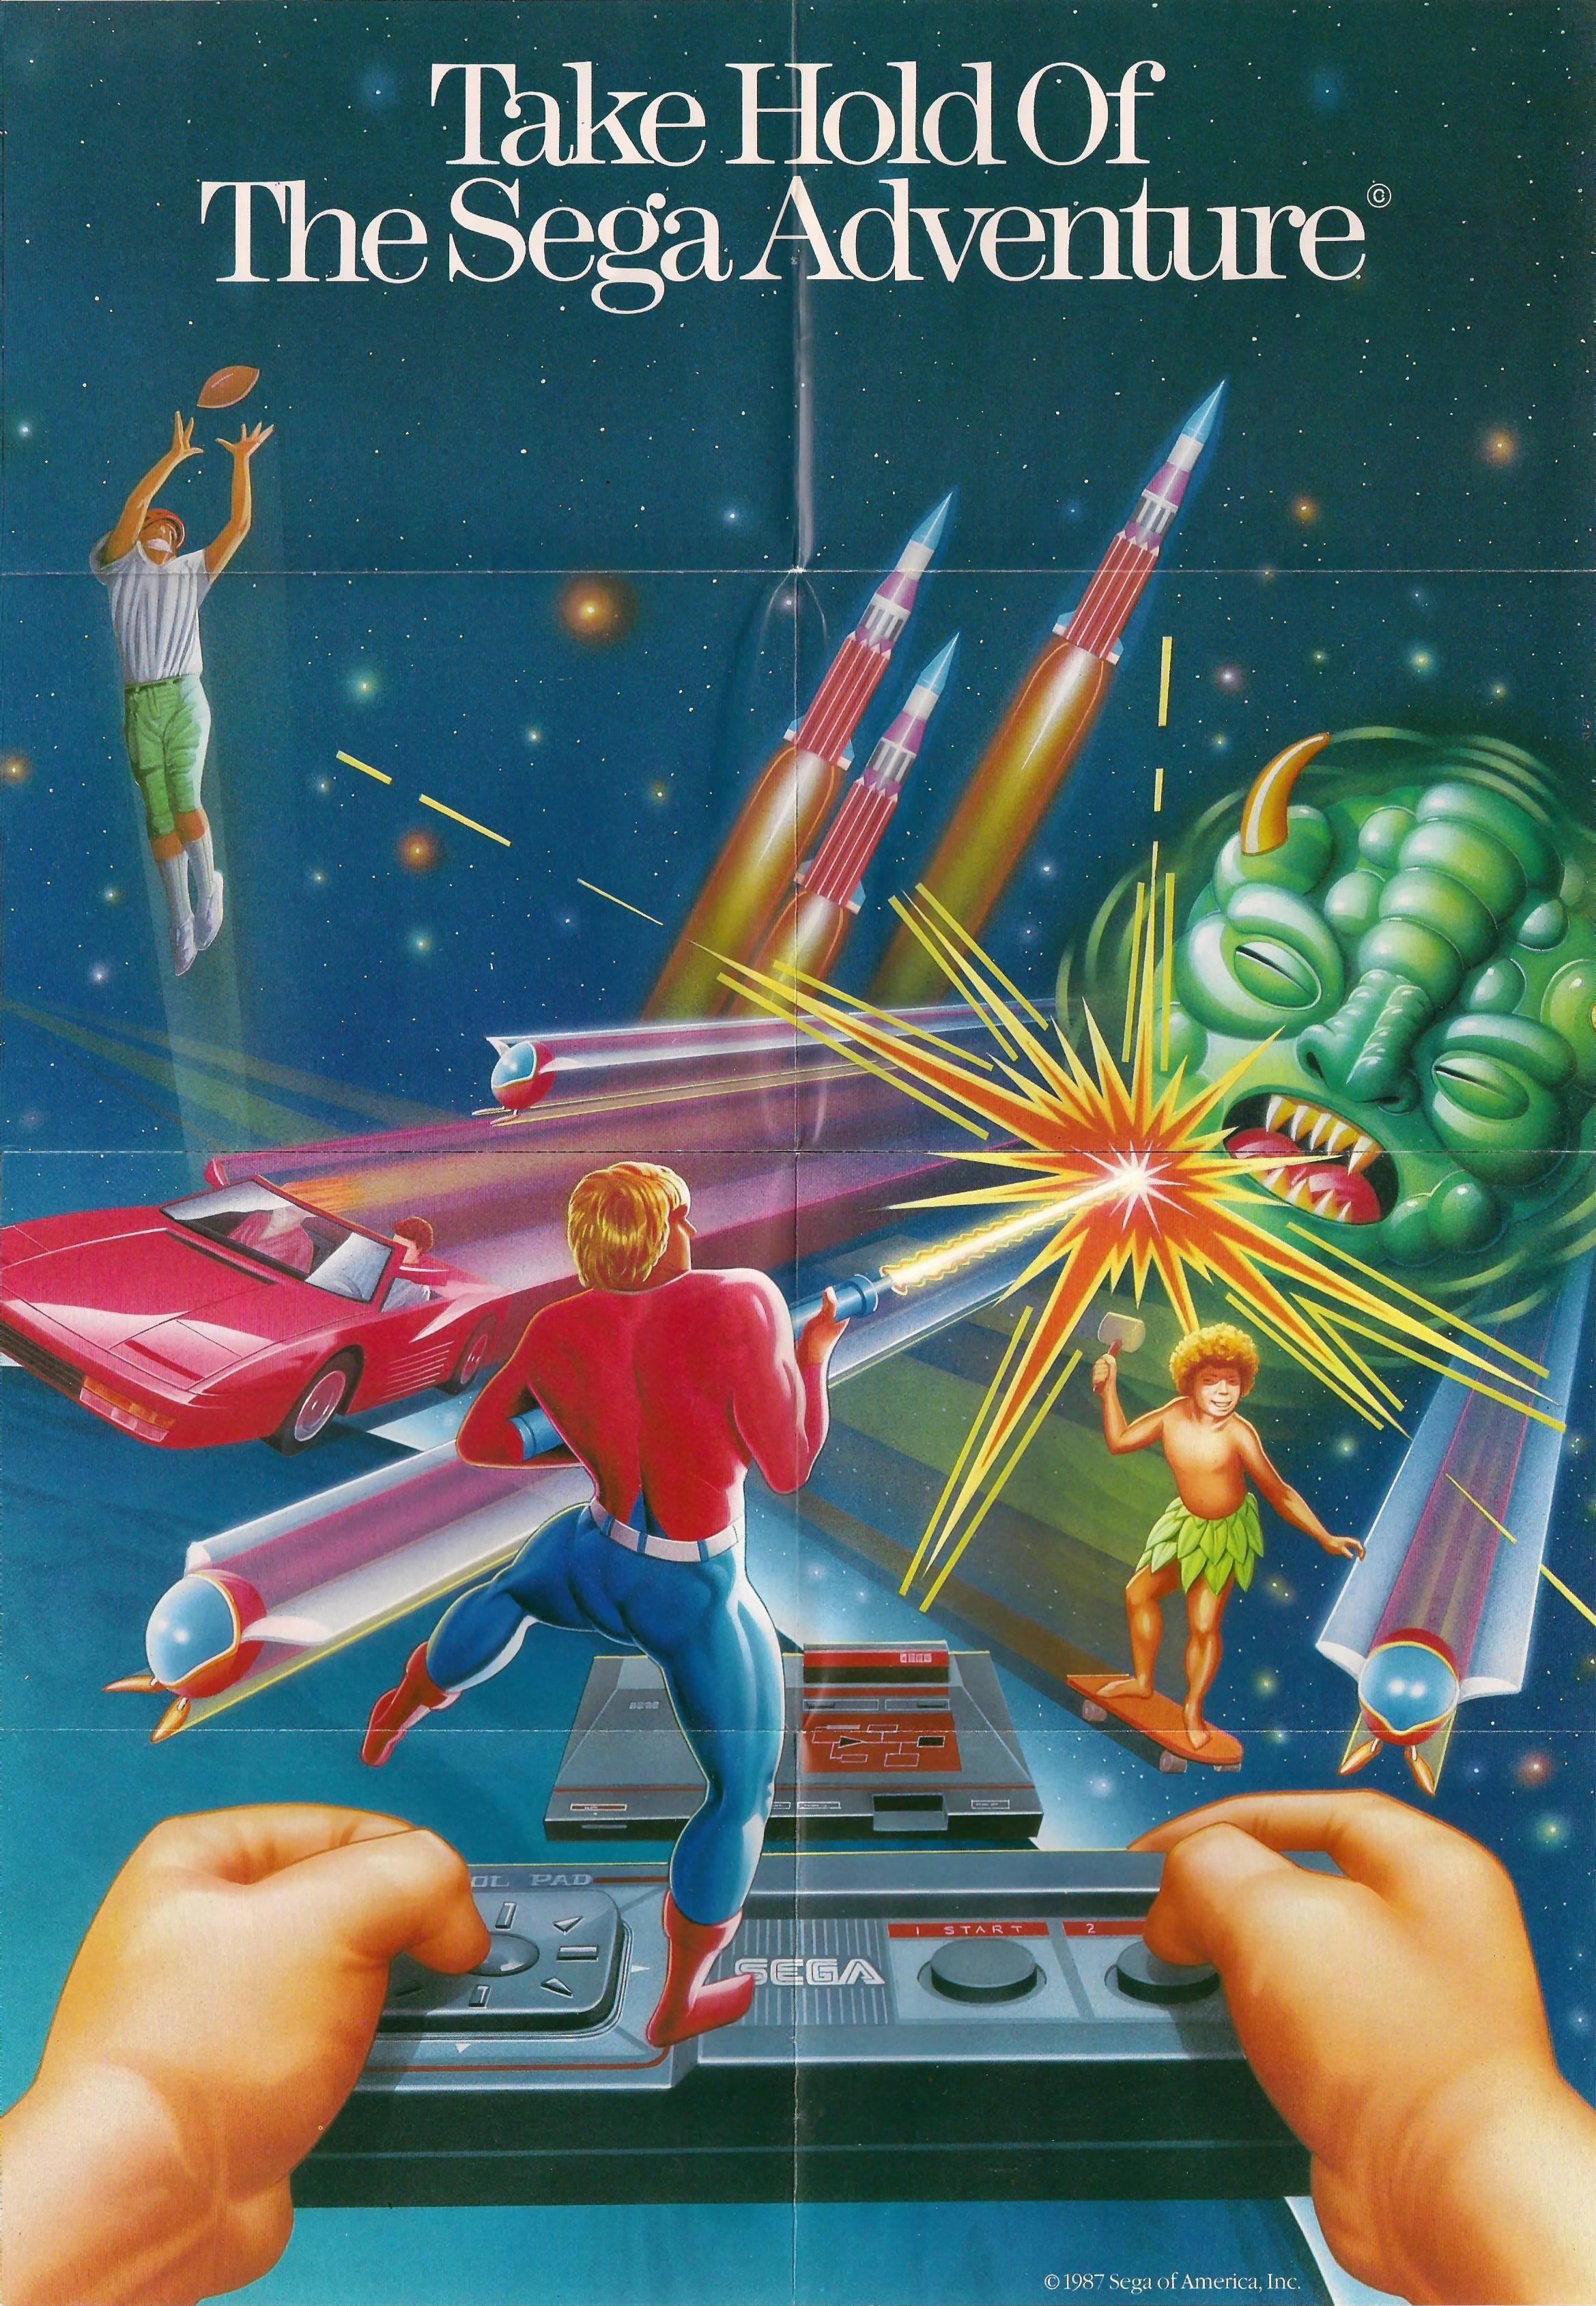 Qu'est-ce qu'il y avait dans ta boite aux lettres aujourd'hui? - Page 5 Sega-Catalogue-TakeHoldOfTheSegaAdventure-US-Poster